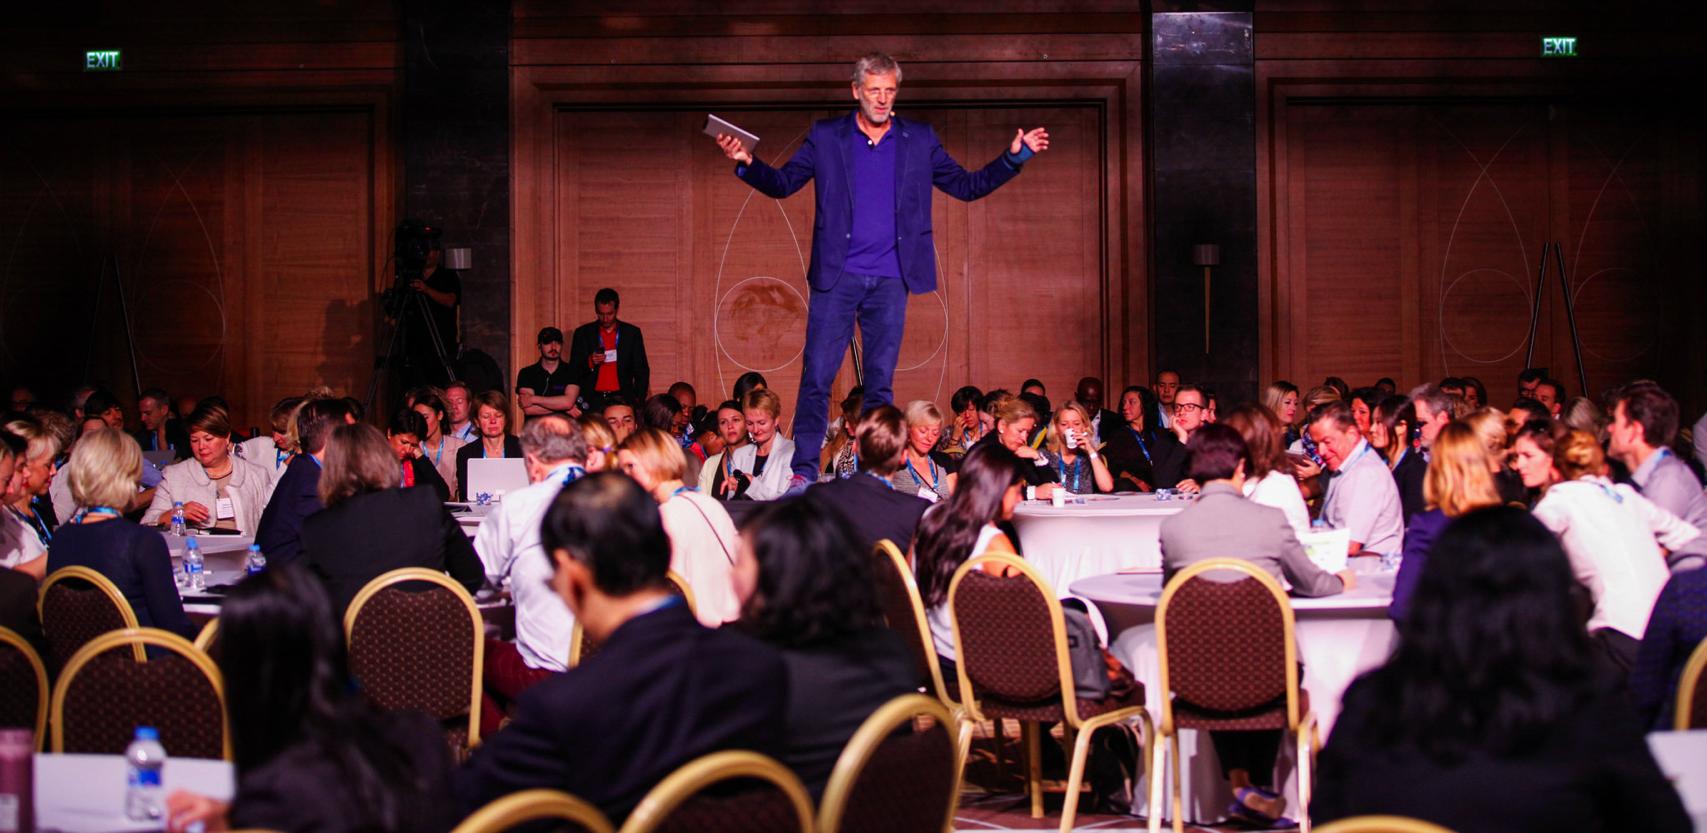 Meeting Design potentieel van het publiek